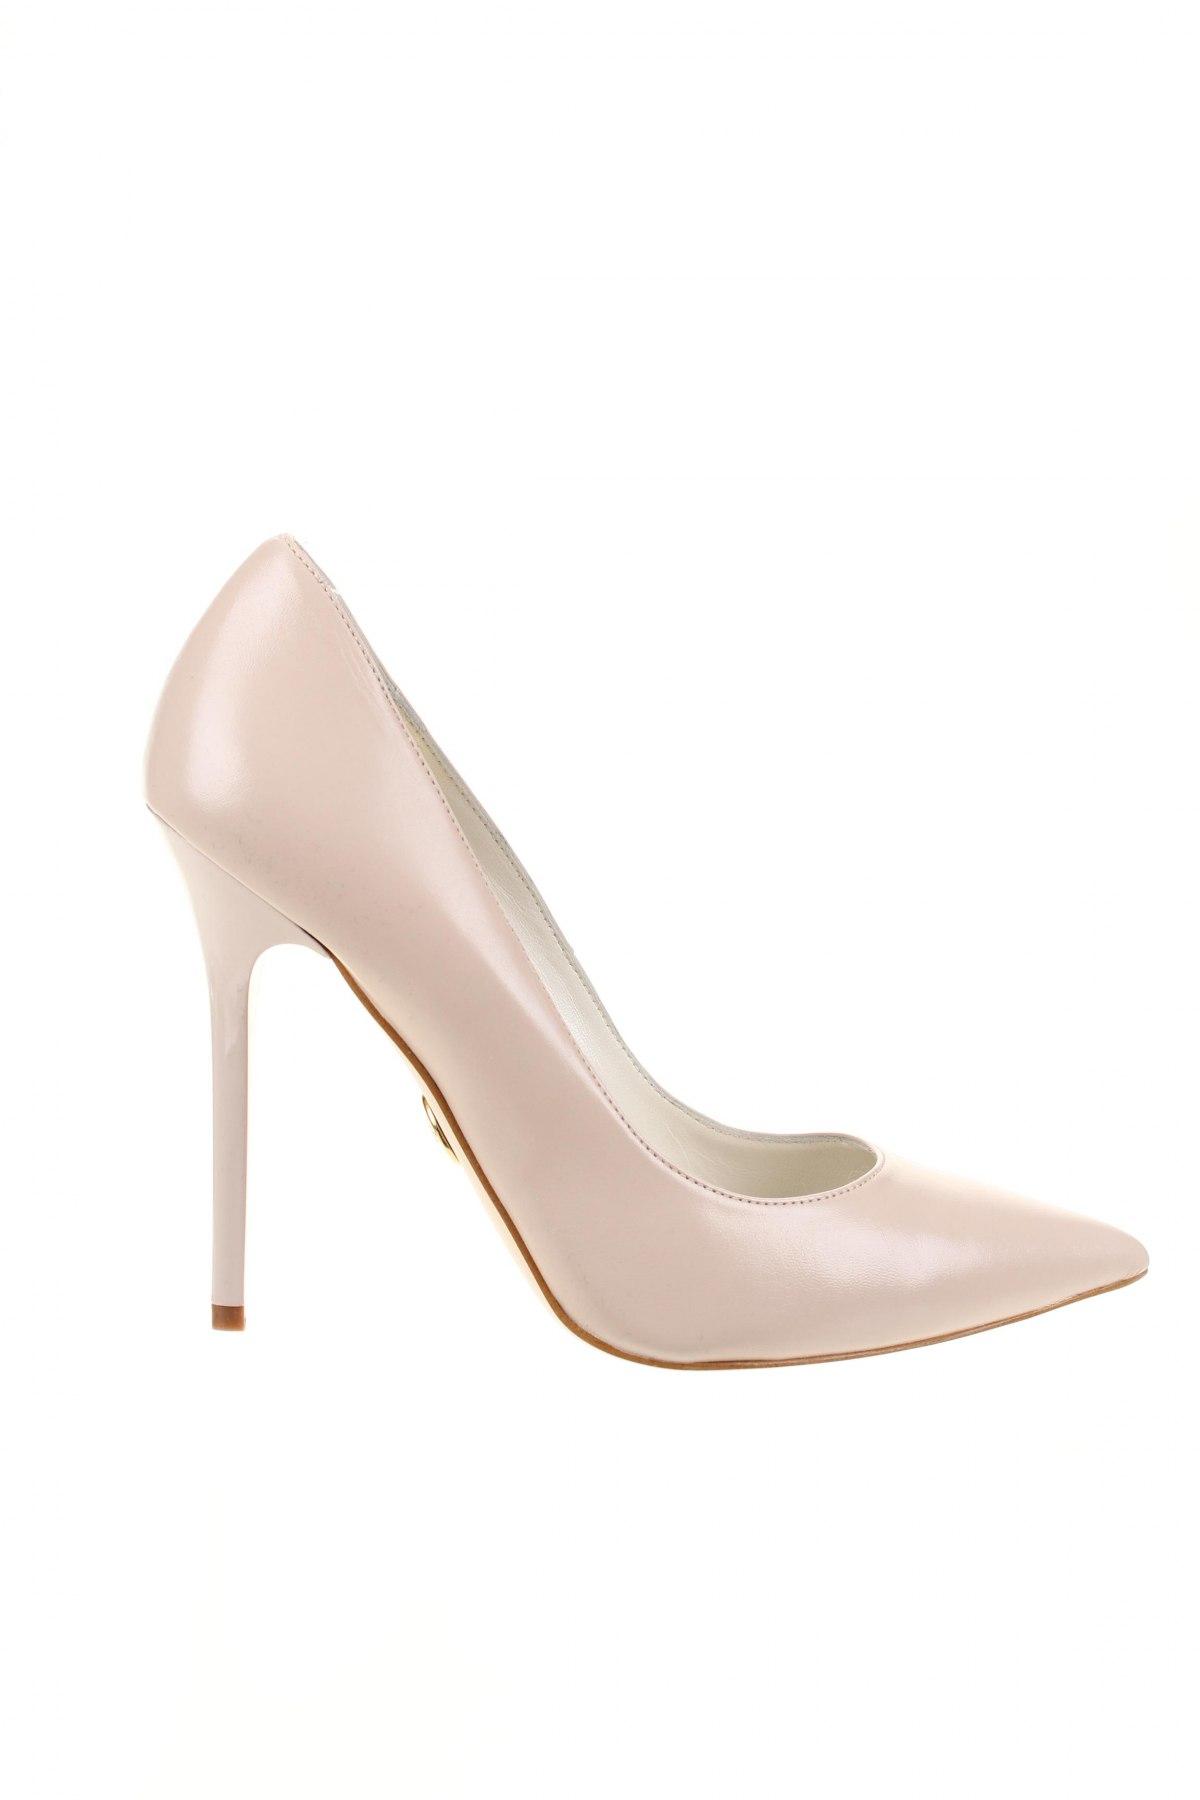 5a92cebe449e Dámske topánky Buffalo - za výhodnú cenu na Remix -  104019556